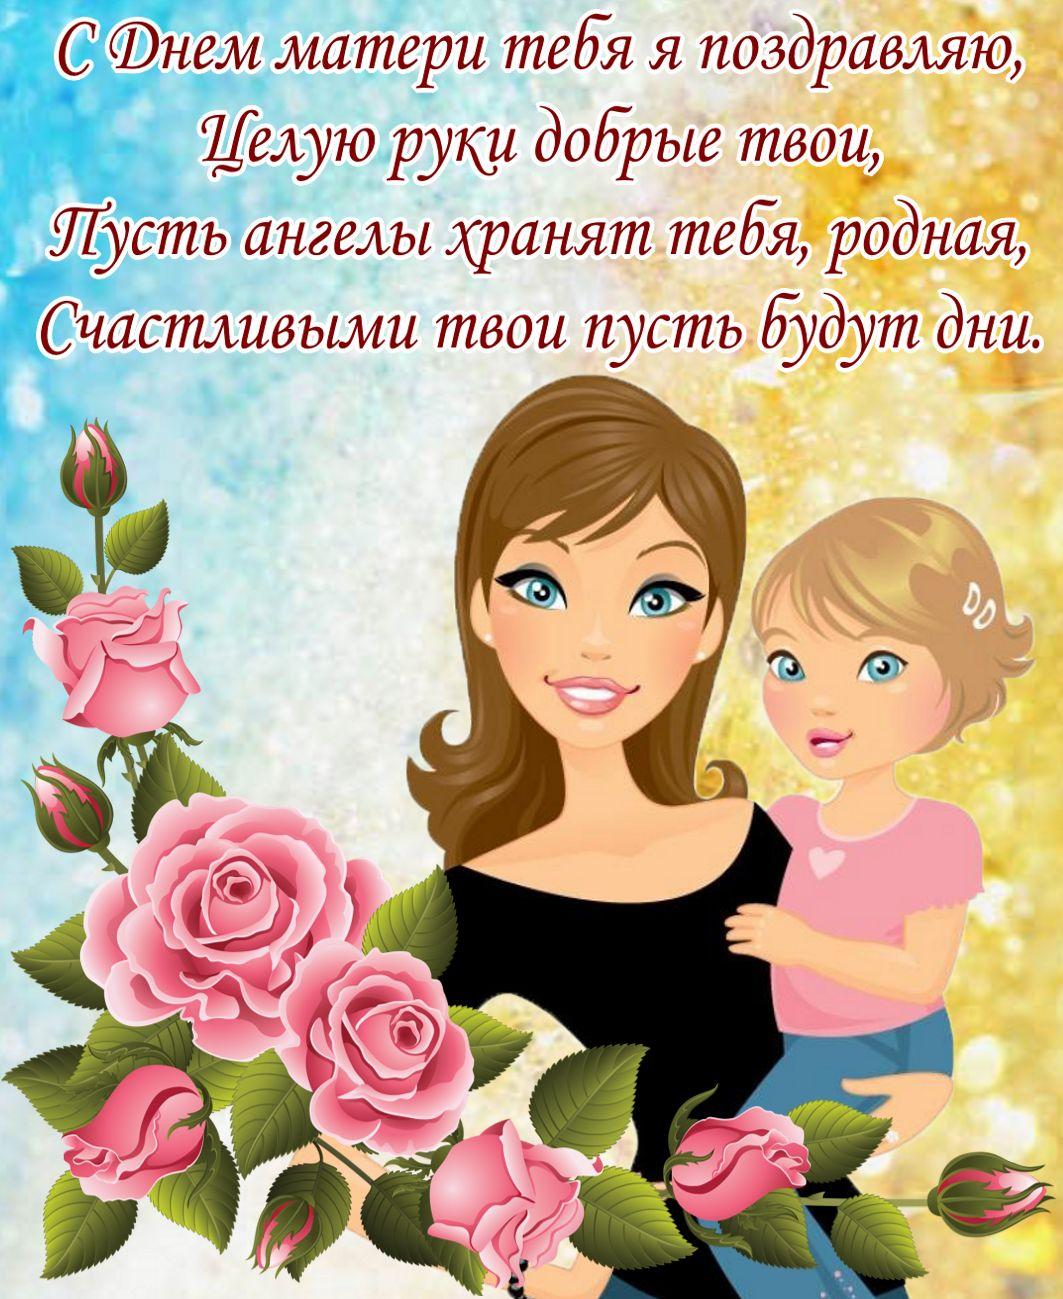 Поздравление краткое маме